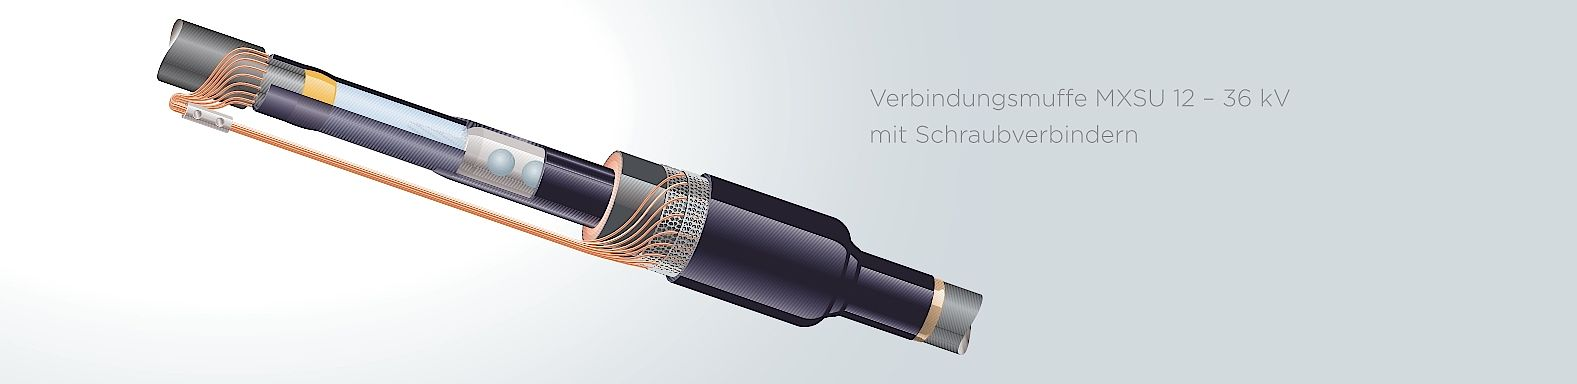 Krüger-Werke GmbH: Mittelspannungs-Kabelgarnituren